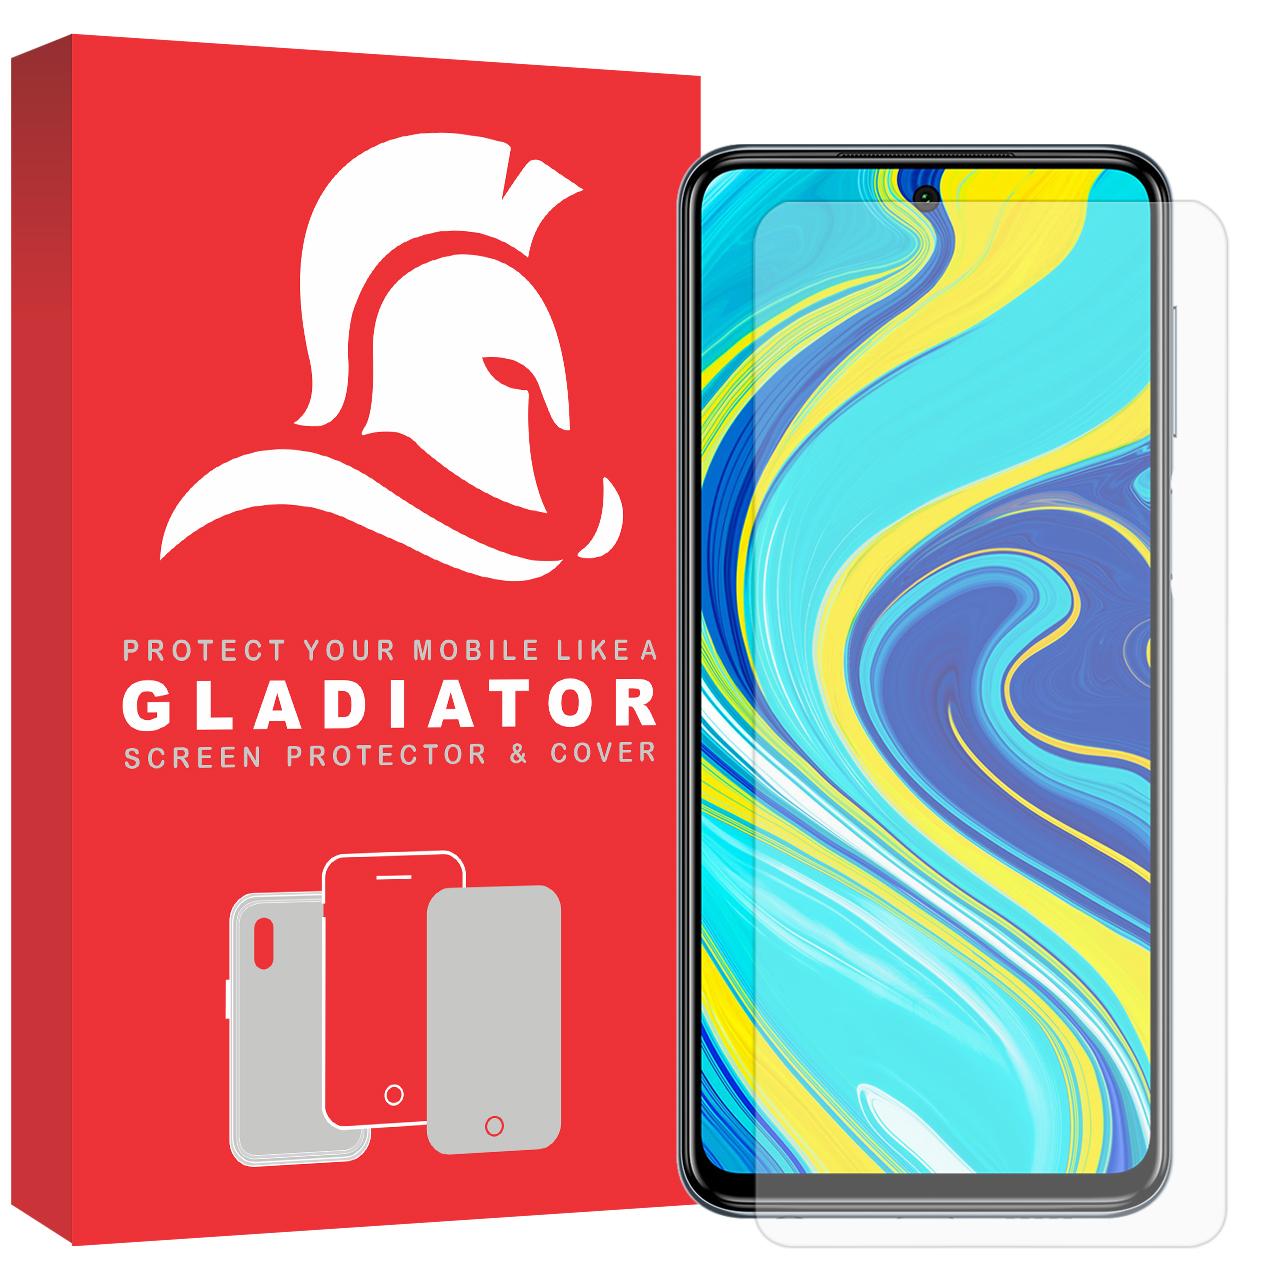 محافظ صفحه نمایش گلادیاتور مدل GLX1000 مناسب برای گوشی موبایل شیائومی Redmi Note 9s